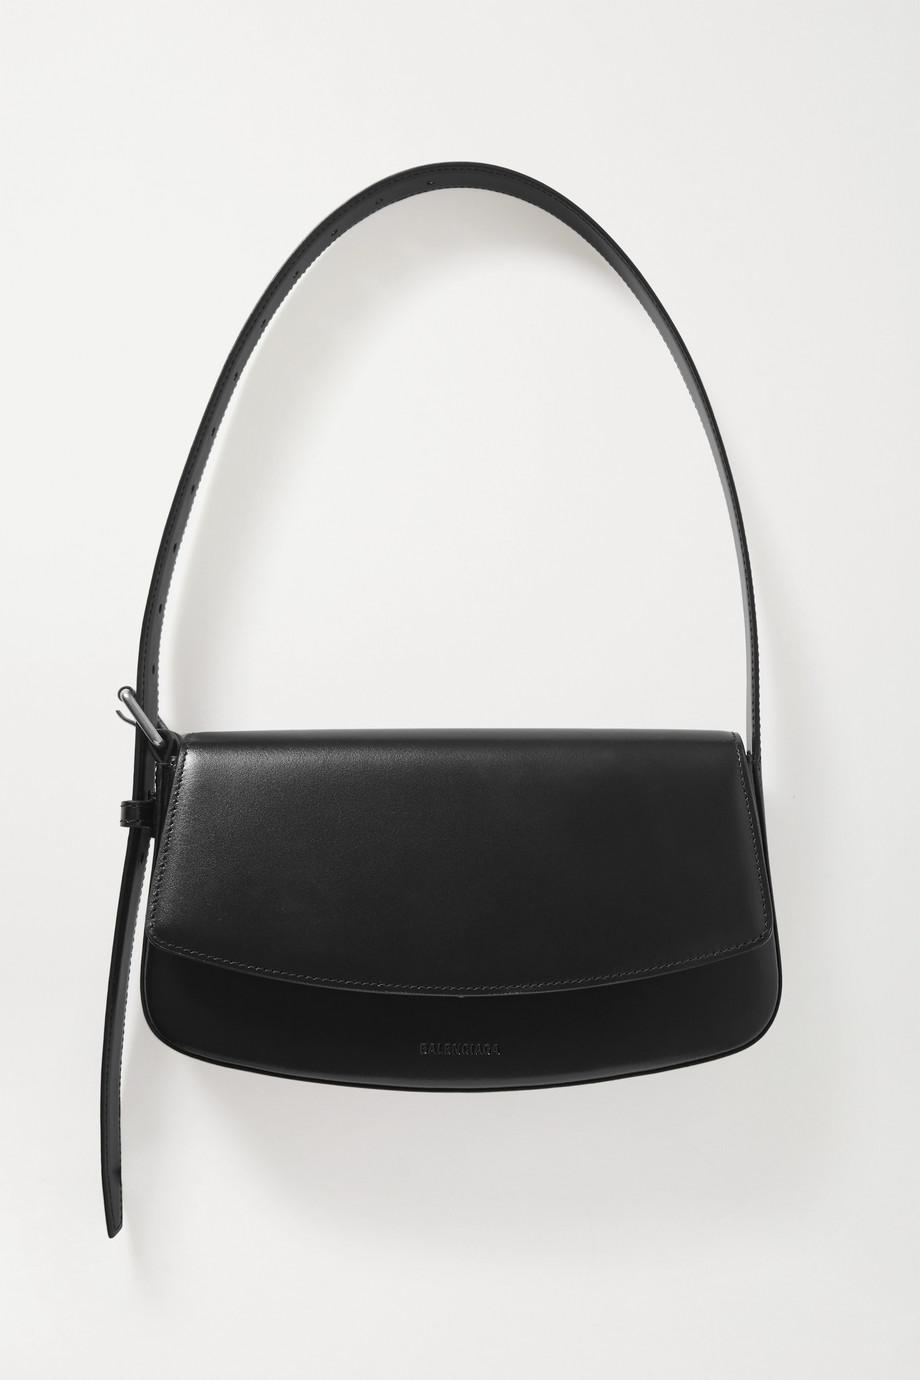 Balenciaga Schultertasche aus Leder